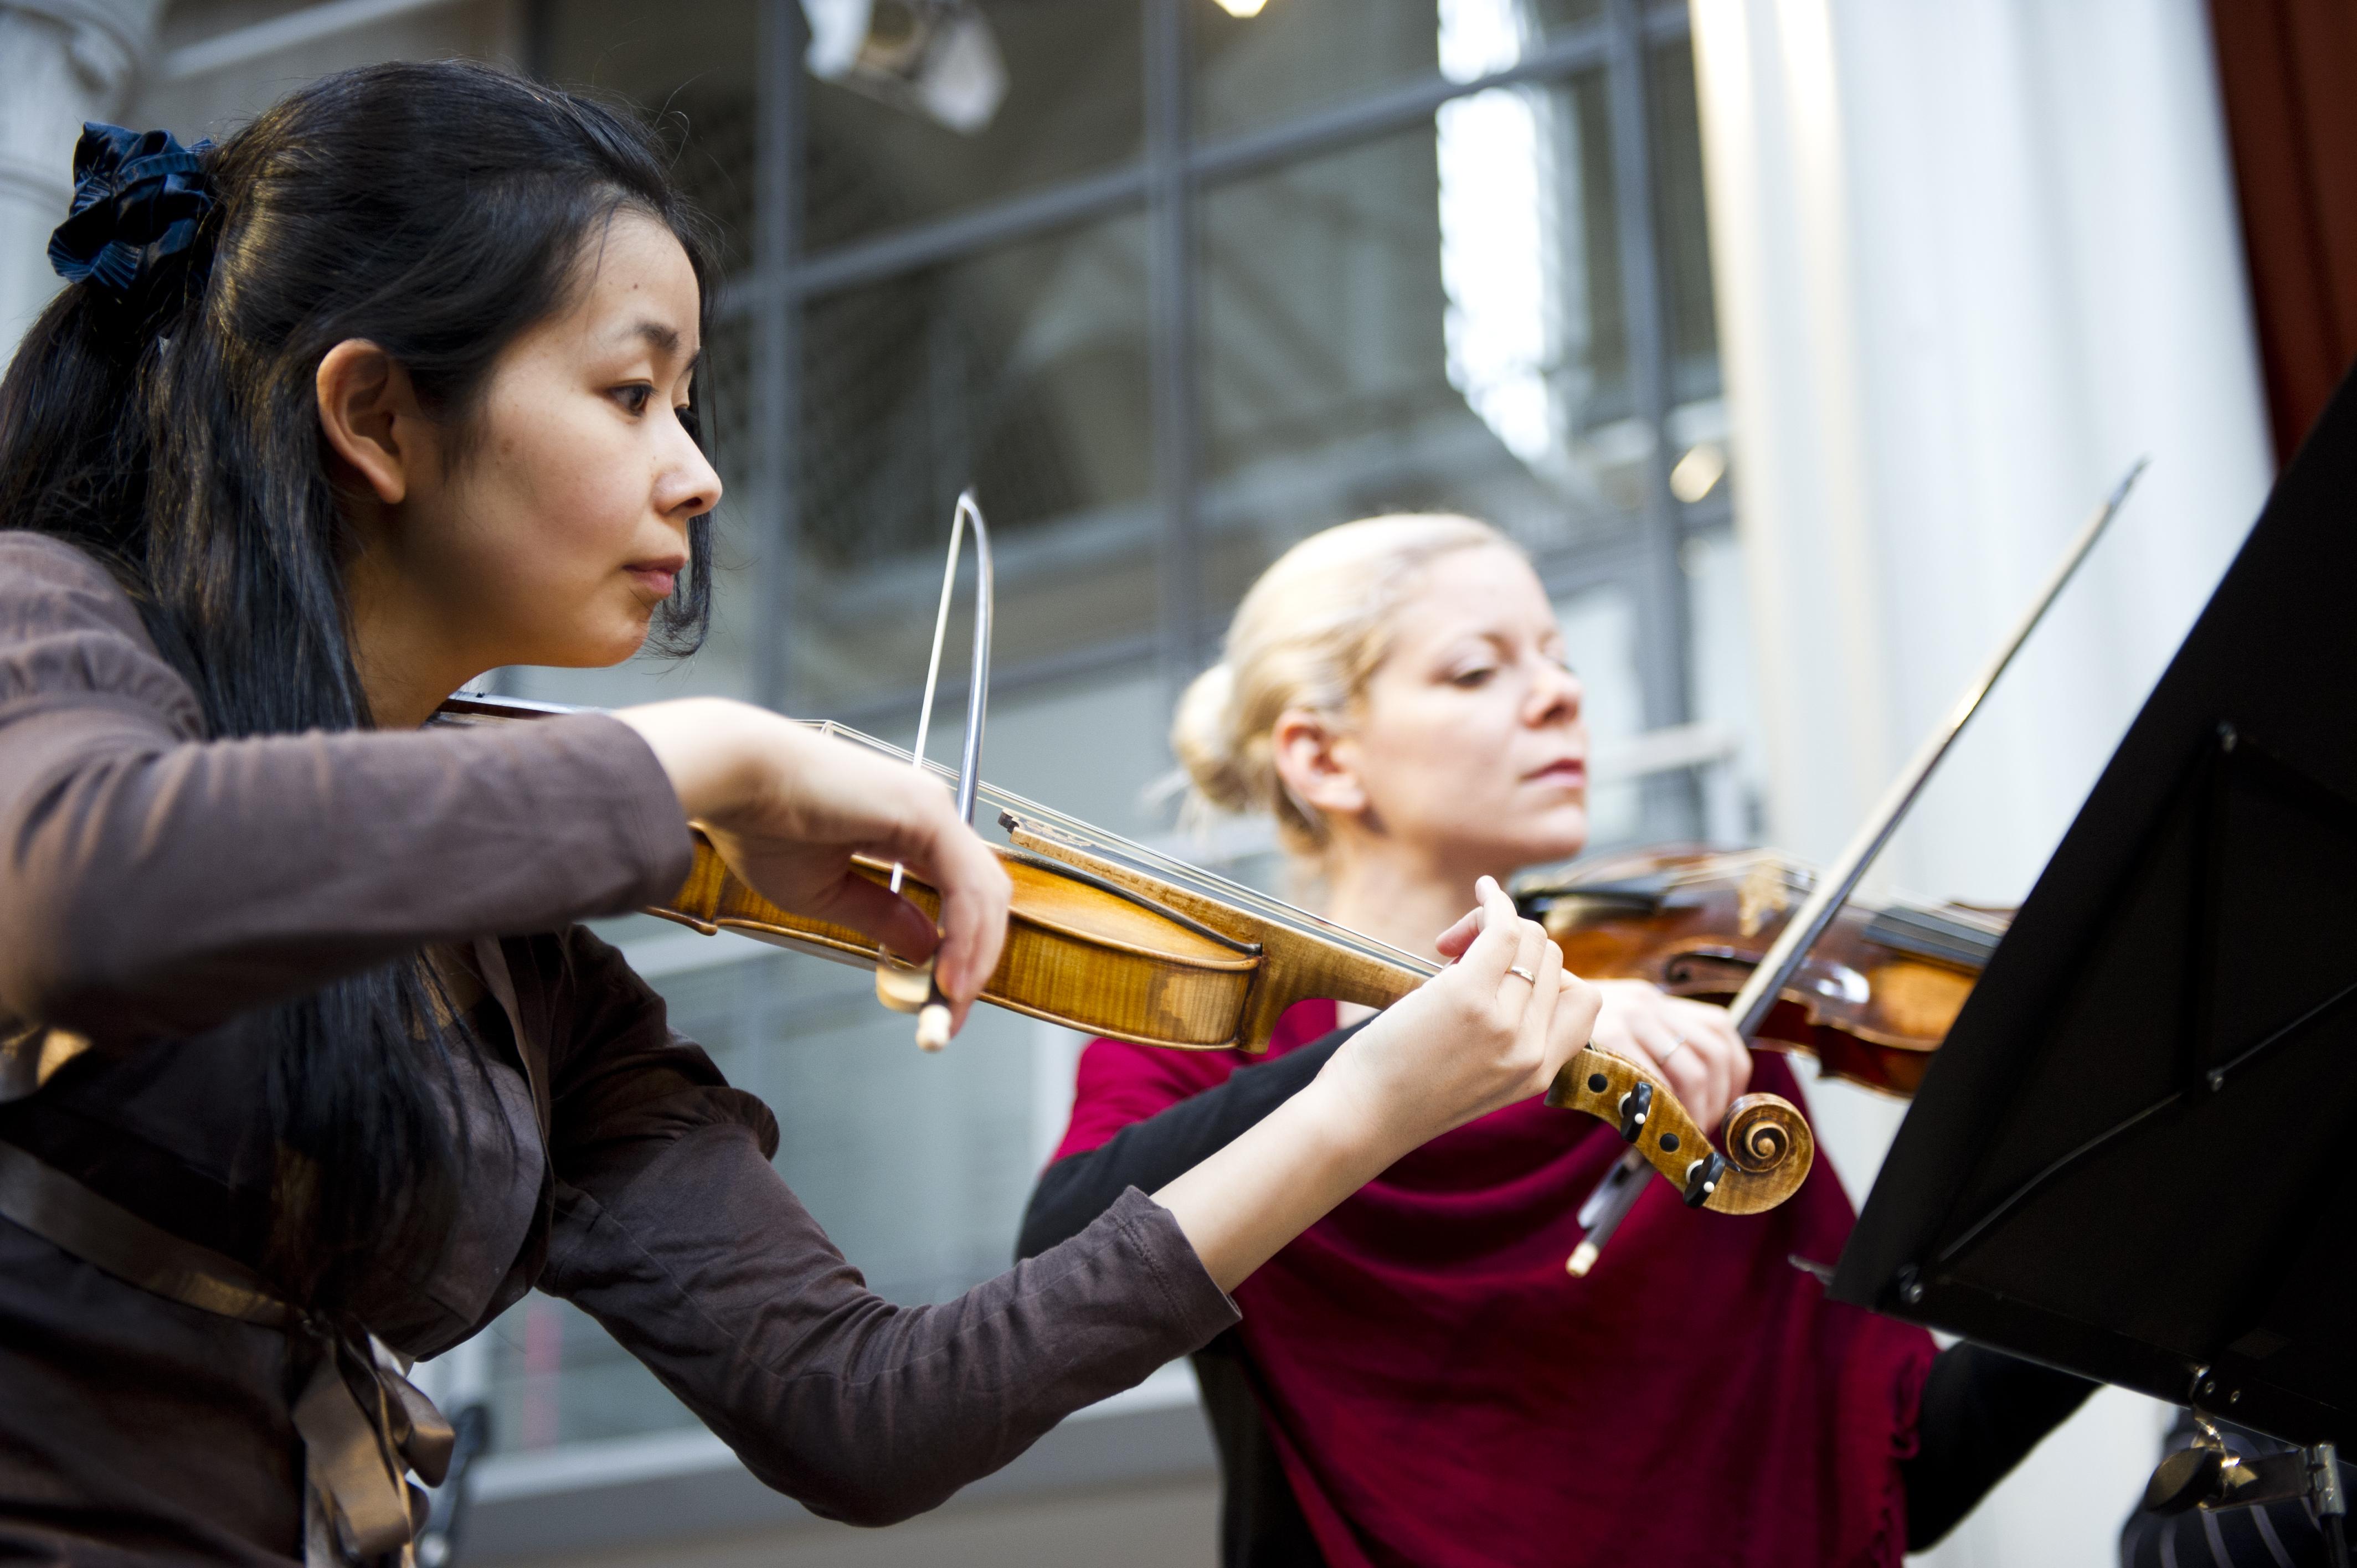 Tomoe Badiarova & Zoe Pouri